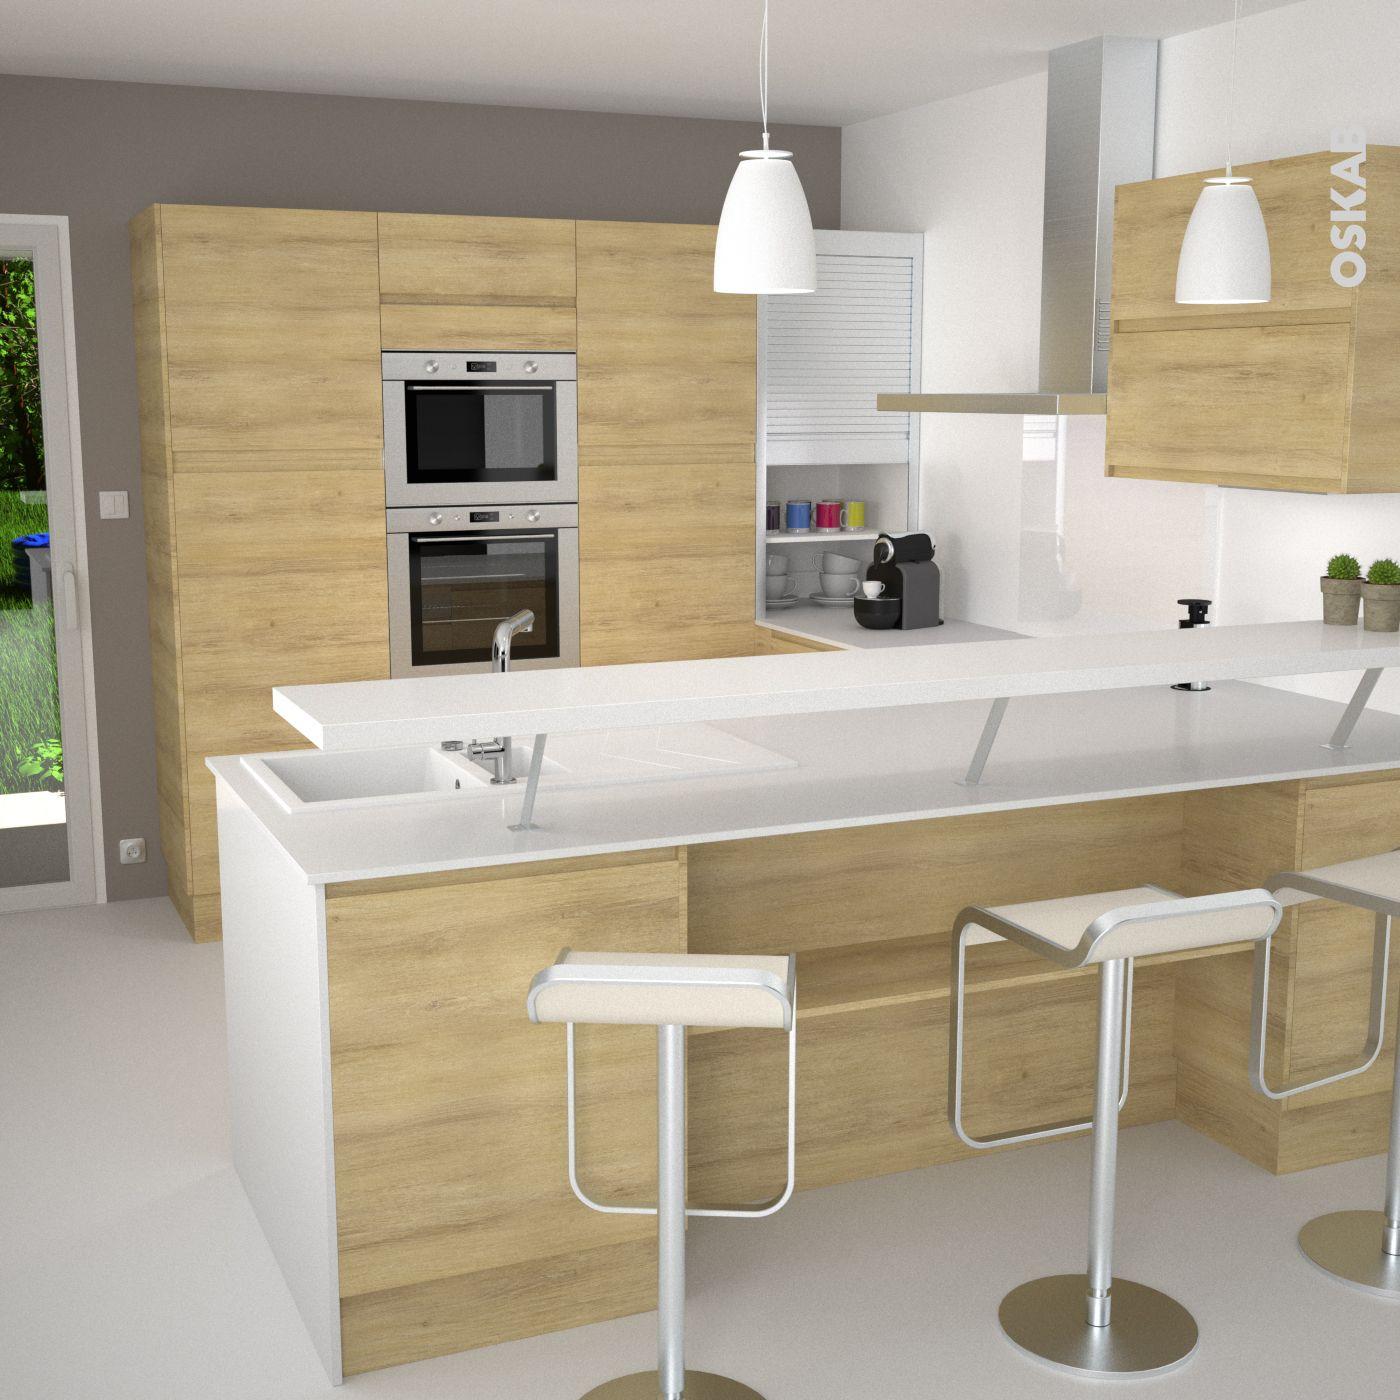 Cuisine nordique blanche et bois épurée, modèle design sans poignée ...